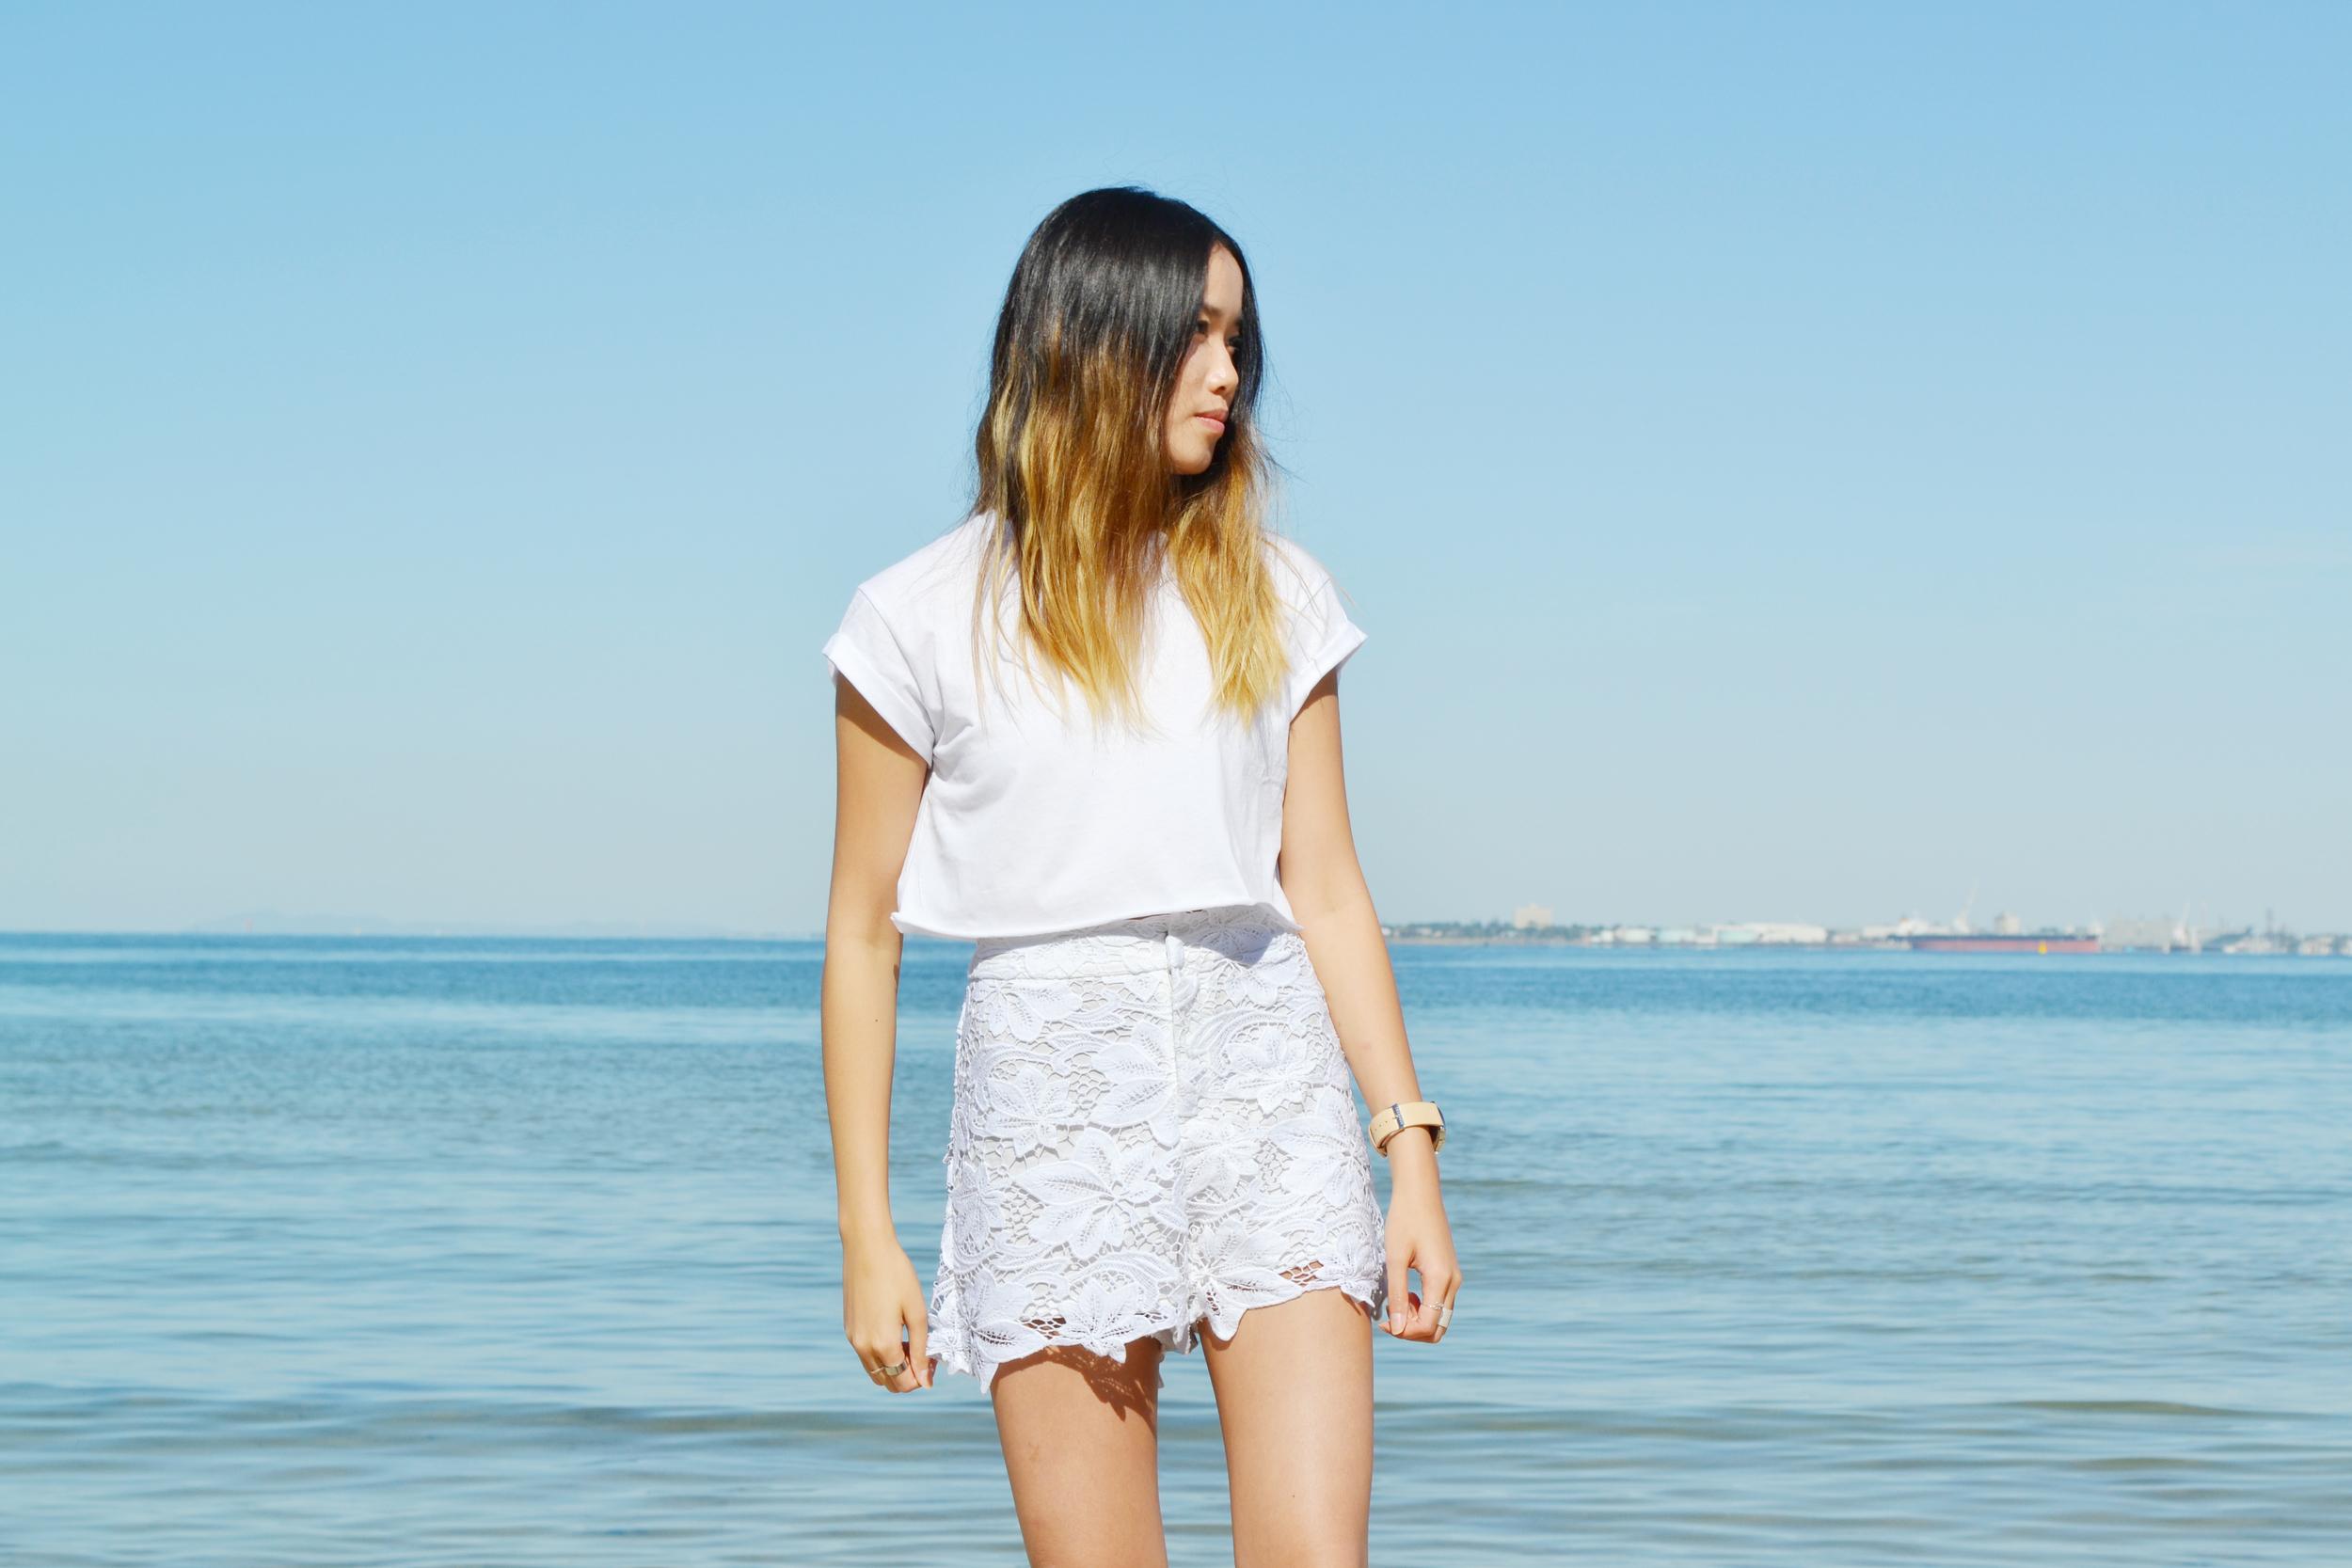 vivcha_fashion_melbourne_blogger_blog_model_ryder_label_style_designer_2015_3.jpg